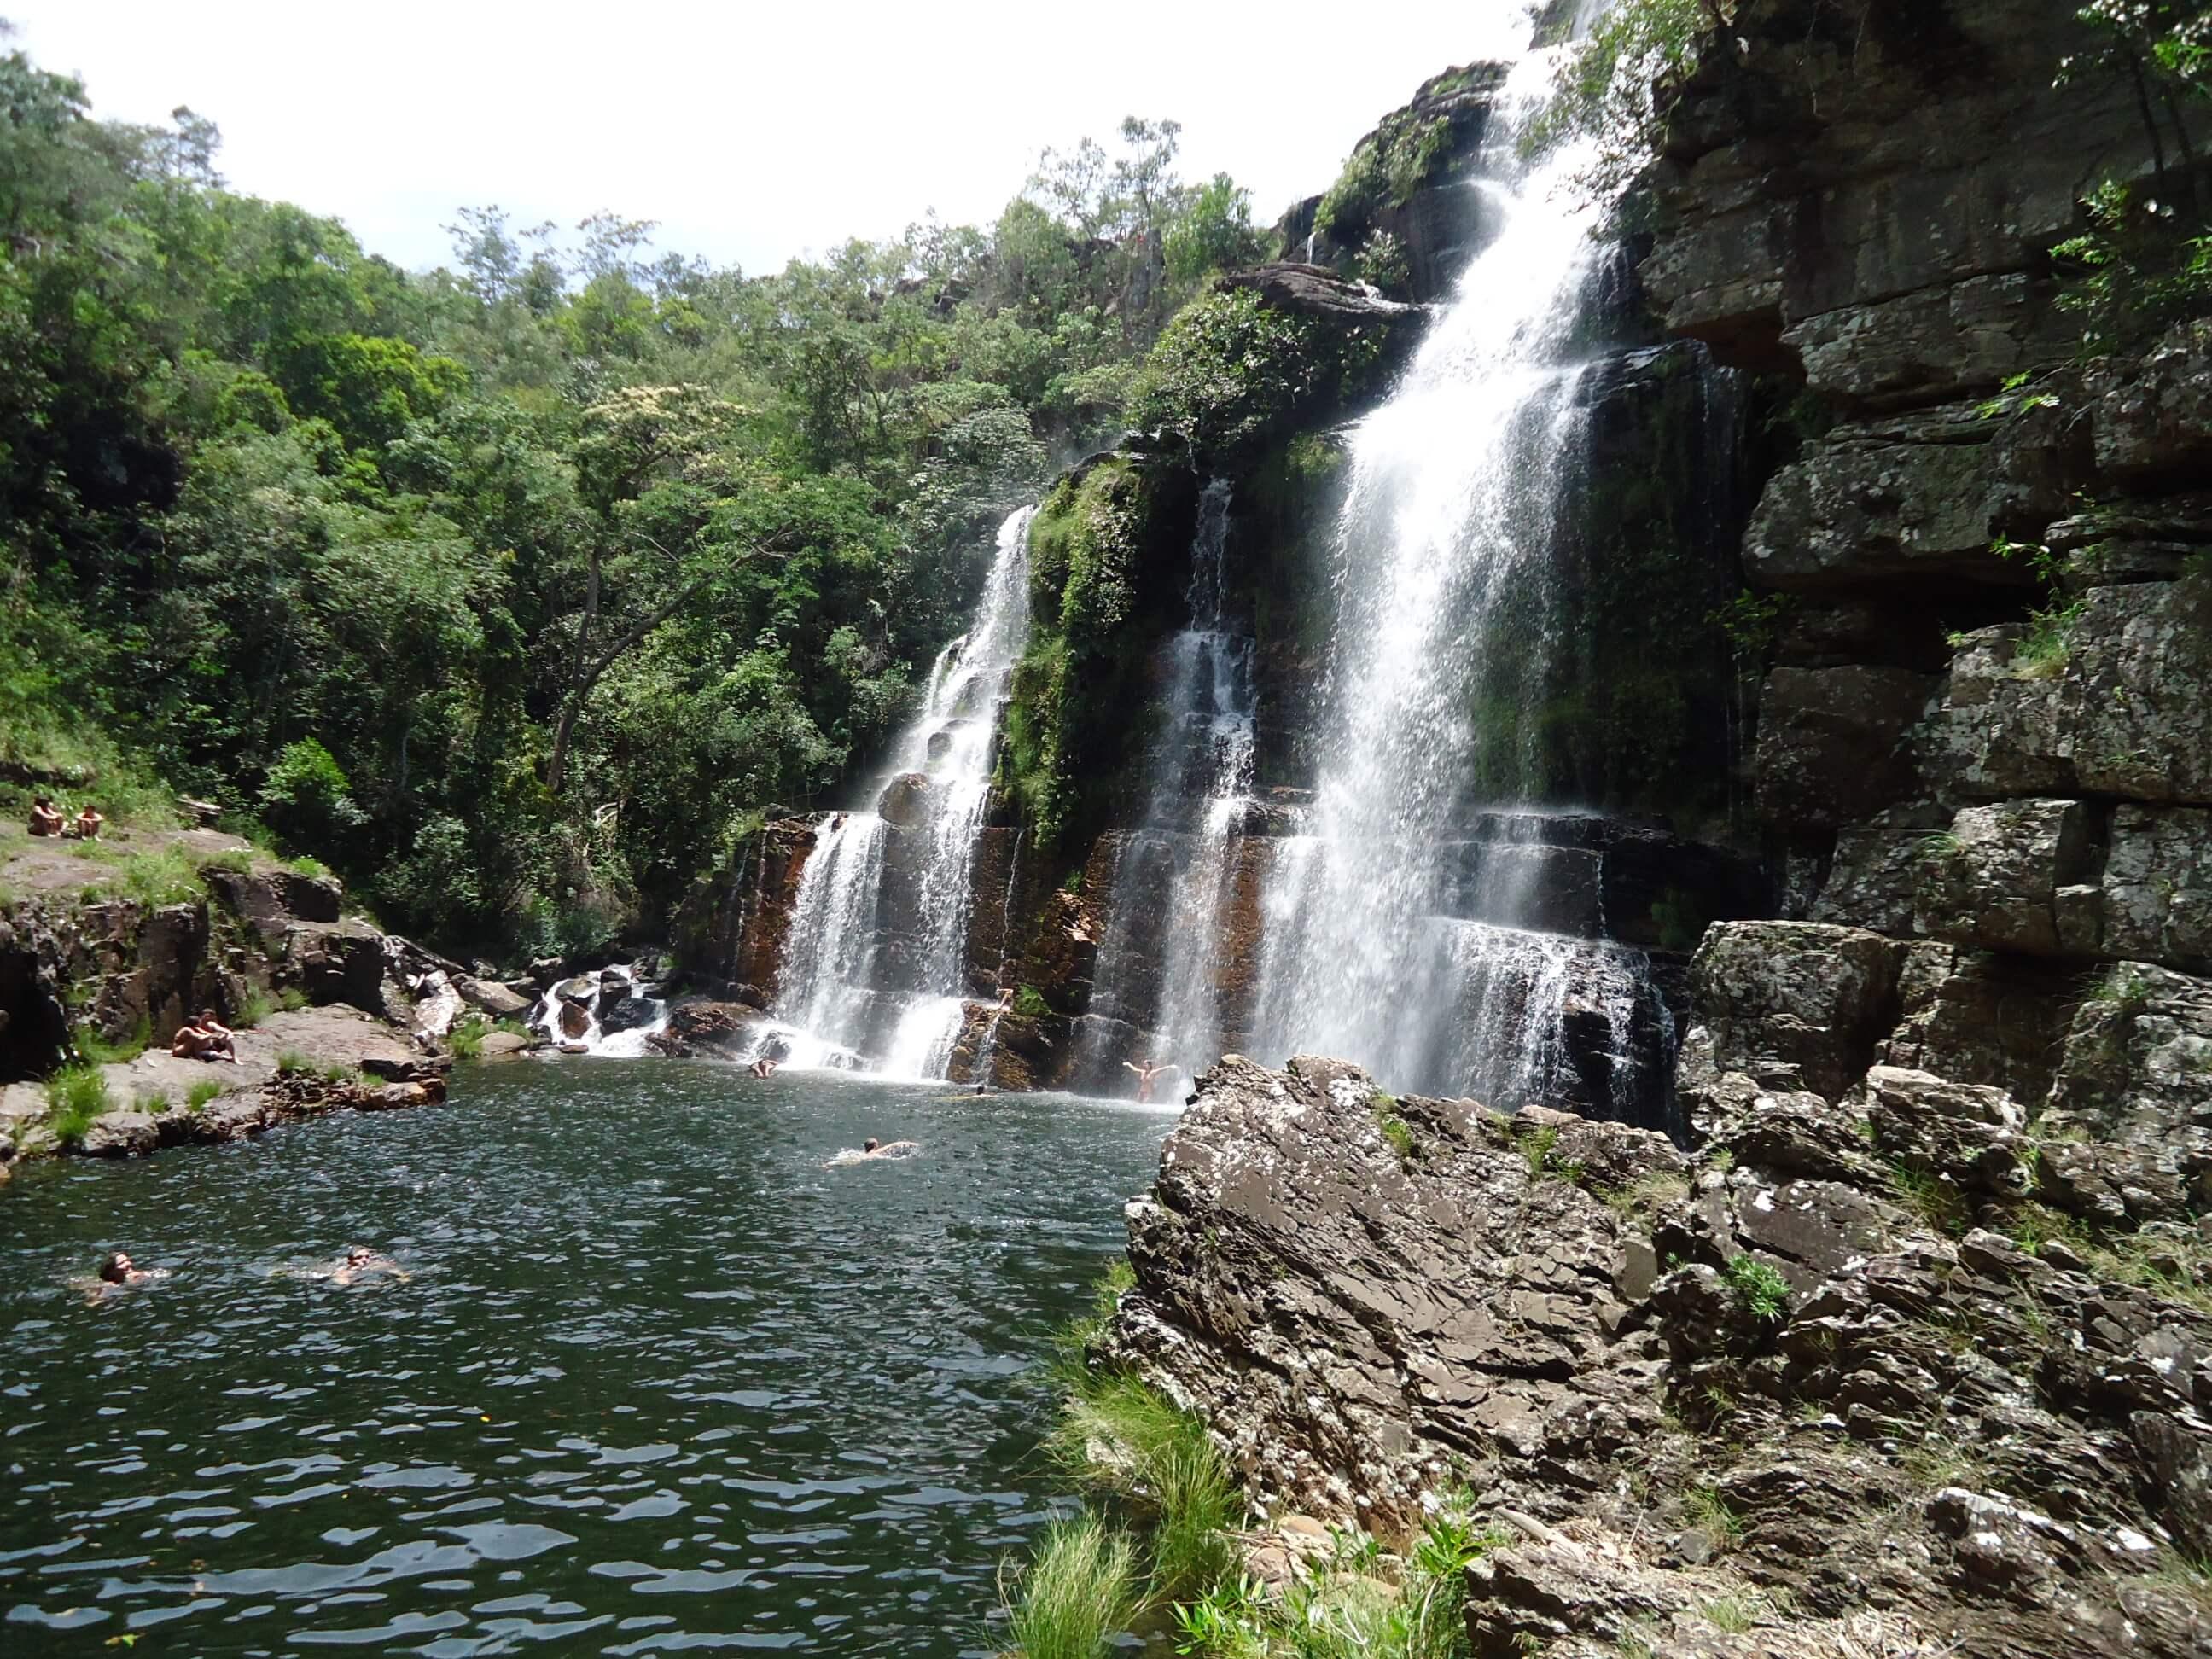 As lindas cachoeiras da Chapada dos Veadeiros